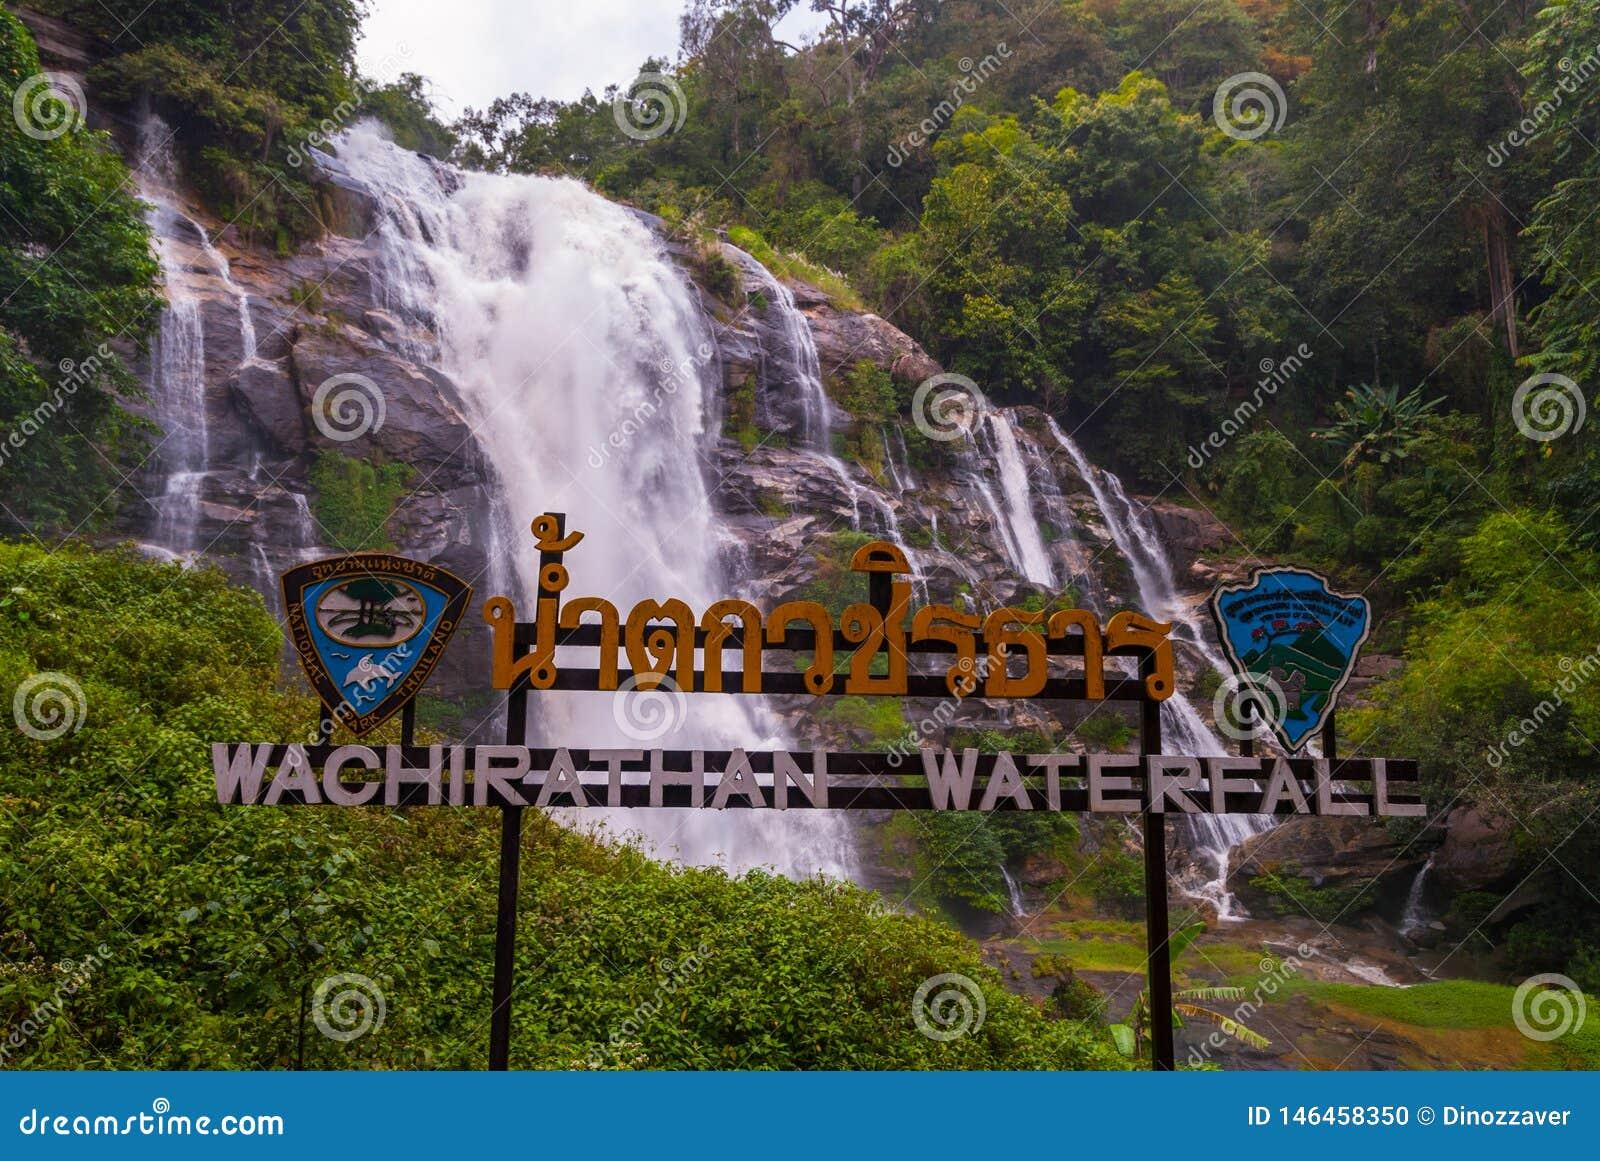 Καταρράκτης Wachirathan, Ταϊλάνδη